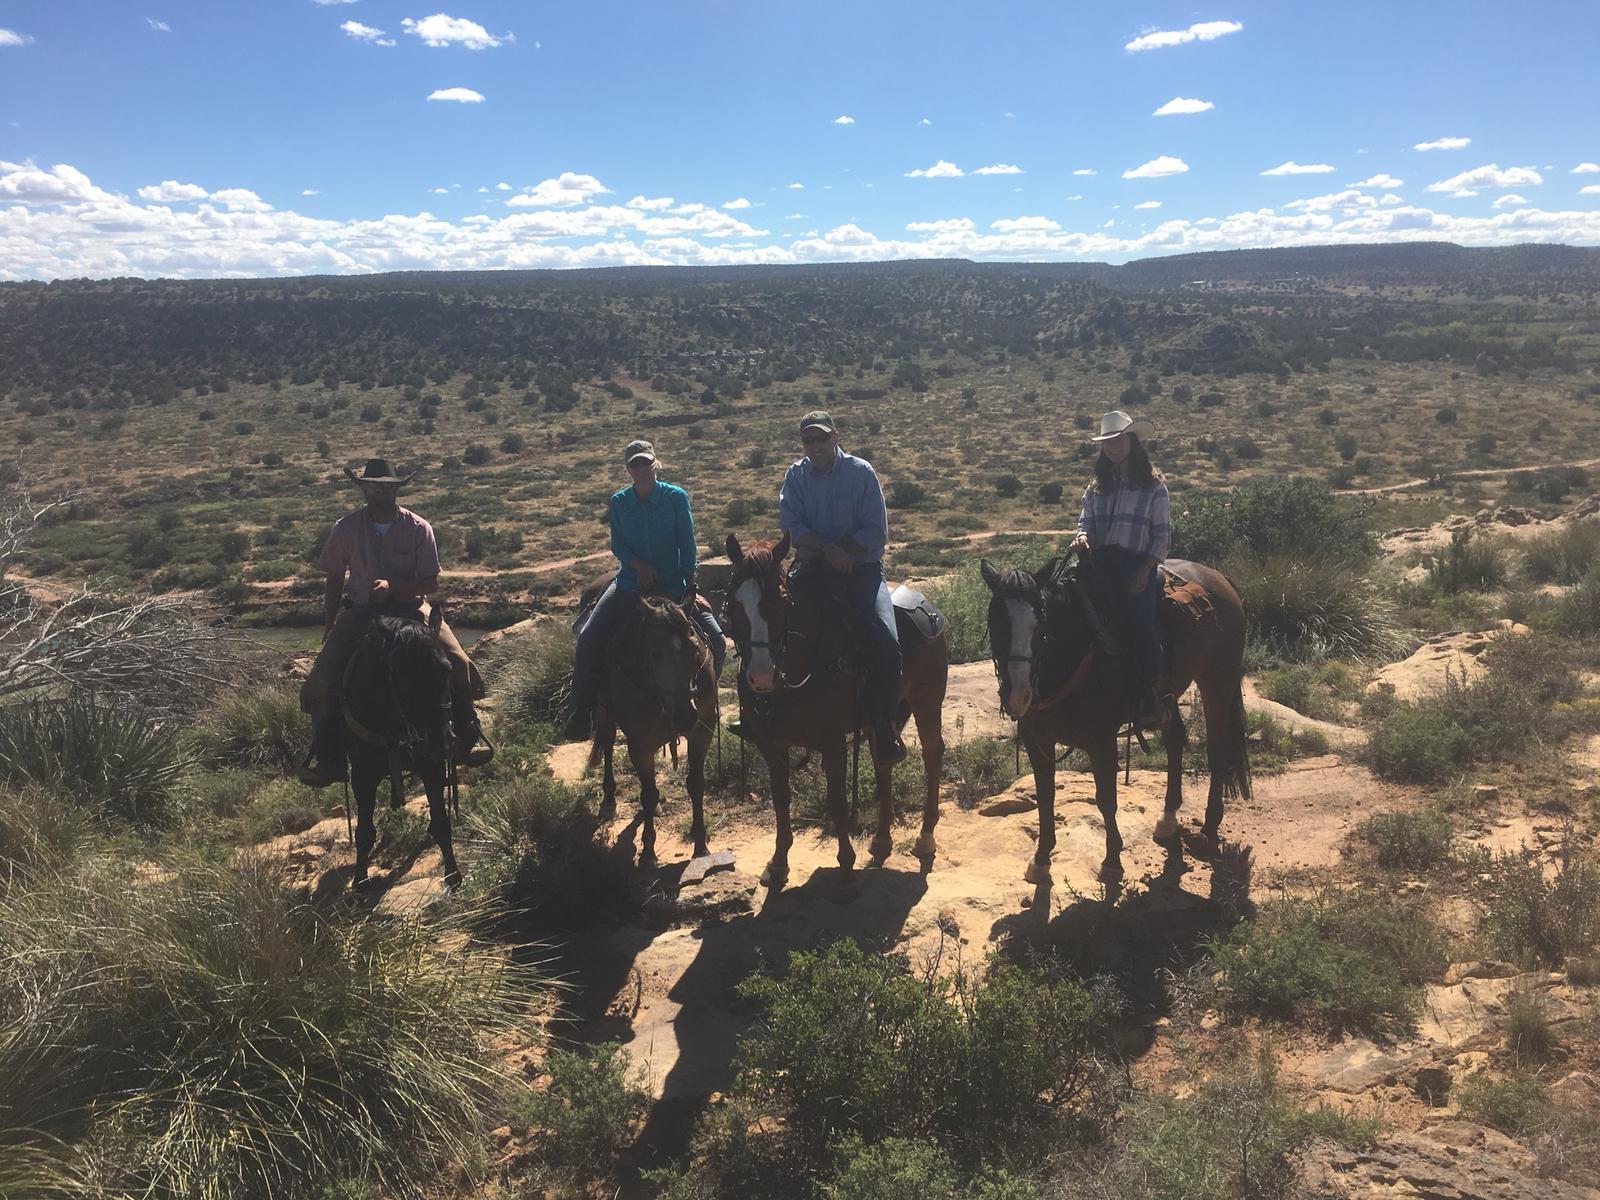 The weather got warmer again - that´s New Mexico - one never knows, what to expect ;-) Here (left to right) the riders at one of the many overviews on the ranch: Rob on Newt, Heike on King, Tom on Champ and Julia on Blaze.  Das Wetter wurde wieder wärmer - so ist das in New Mexico - man weiss nie, was einen erwartet ;-) Hier (links nach rechts) die Reiter an einem der zahlreichen Aussichtspunkte der Ranch: Rob auf Newt, Heike auf King, Tom auf Champ und Julia auf Blaze.